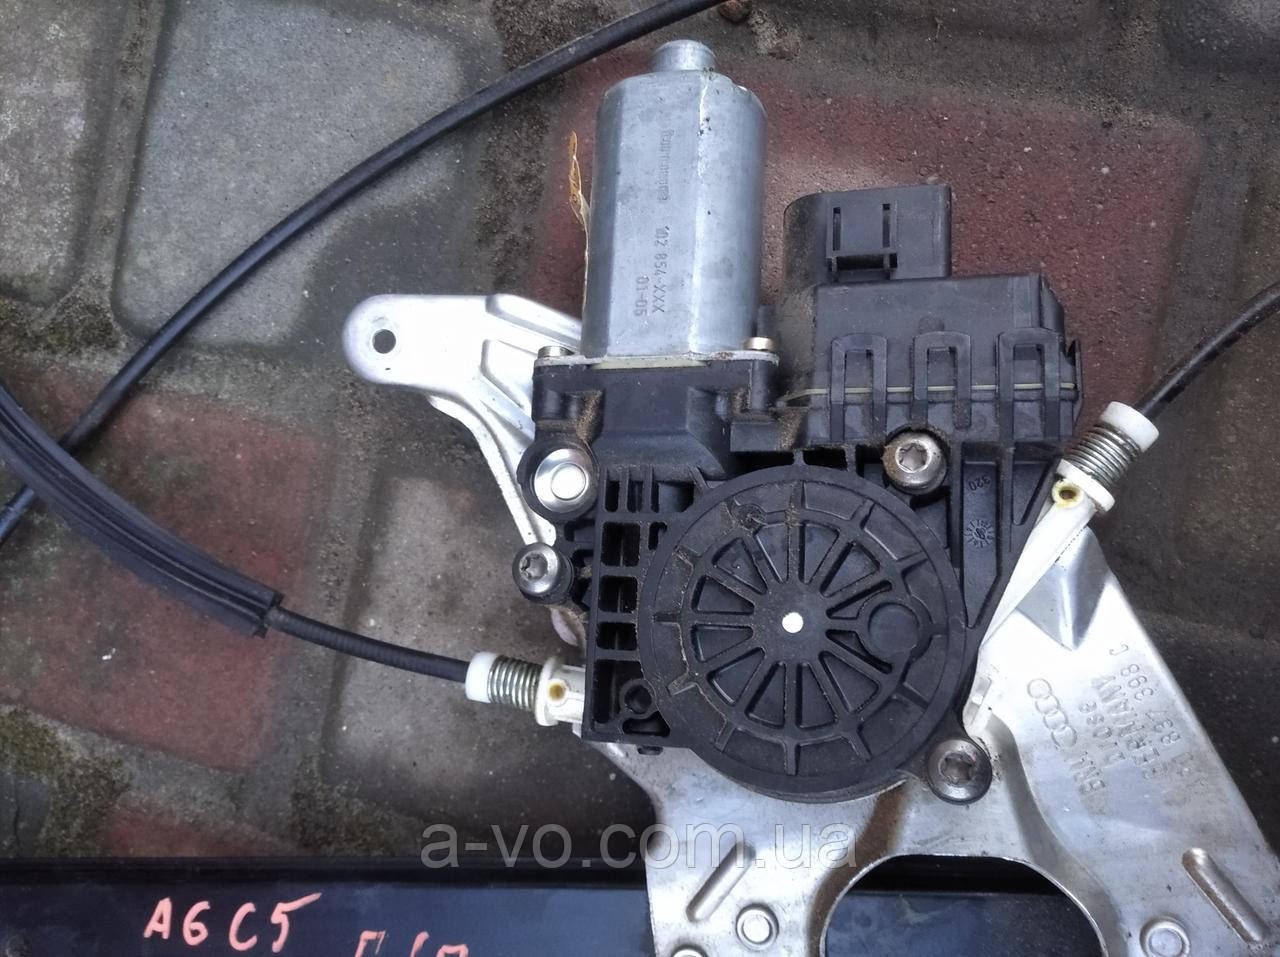 Моторчик стеклоподъемника передний правый Audi A6 C5, 4B0959802E